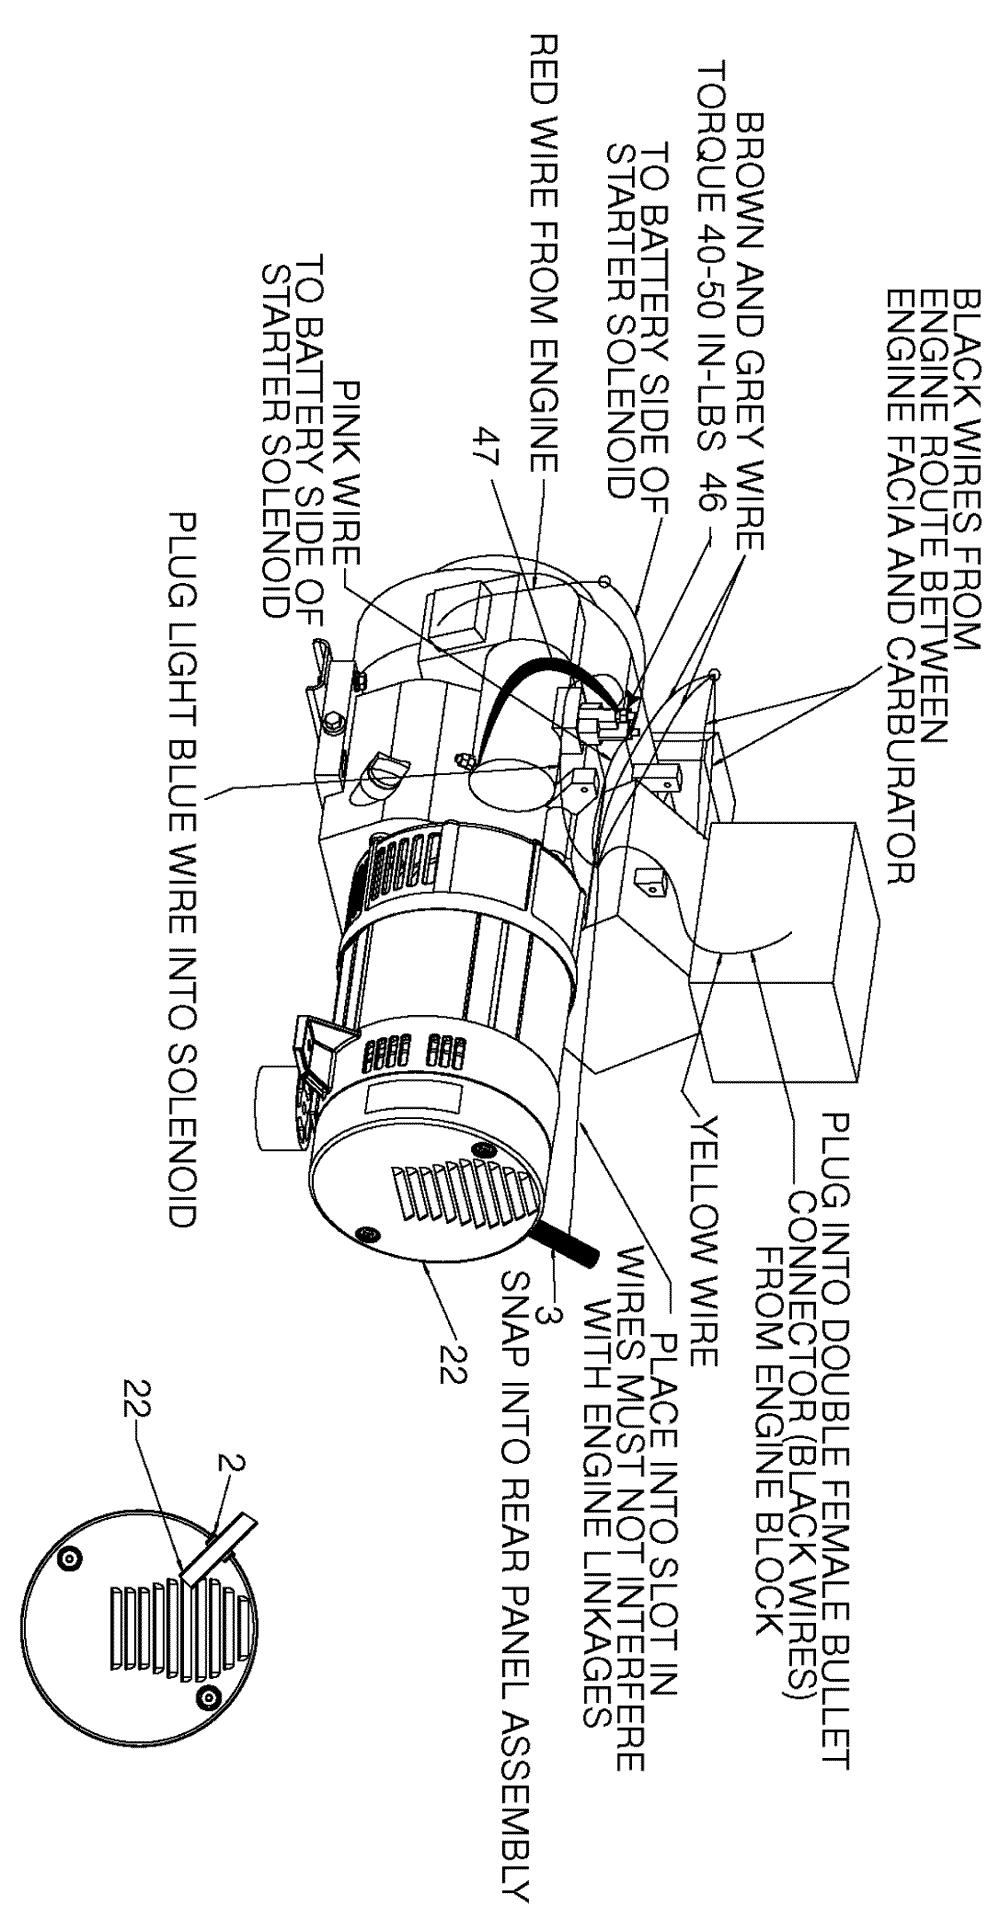 BSV750-W-Portercable-PB-1Break Down